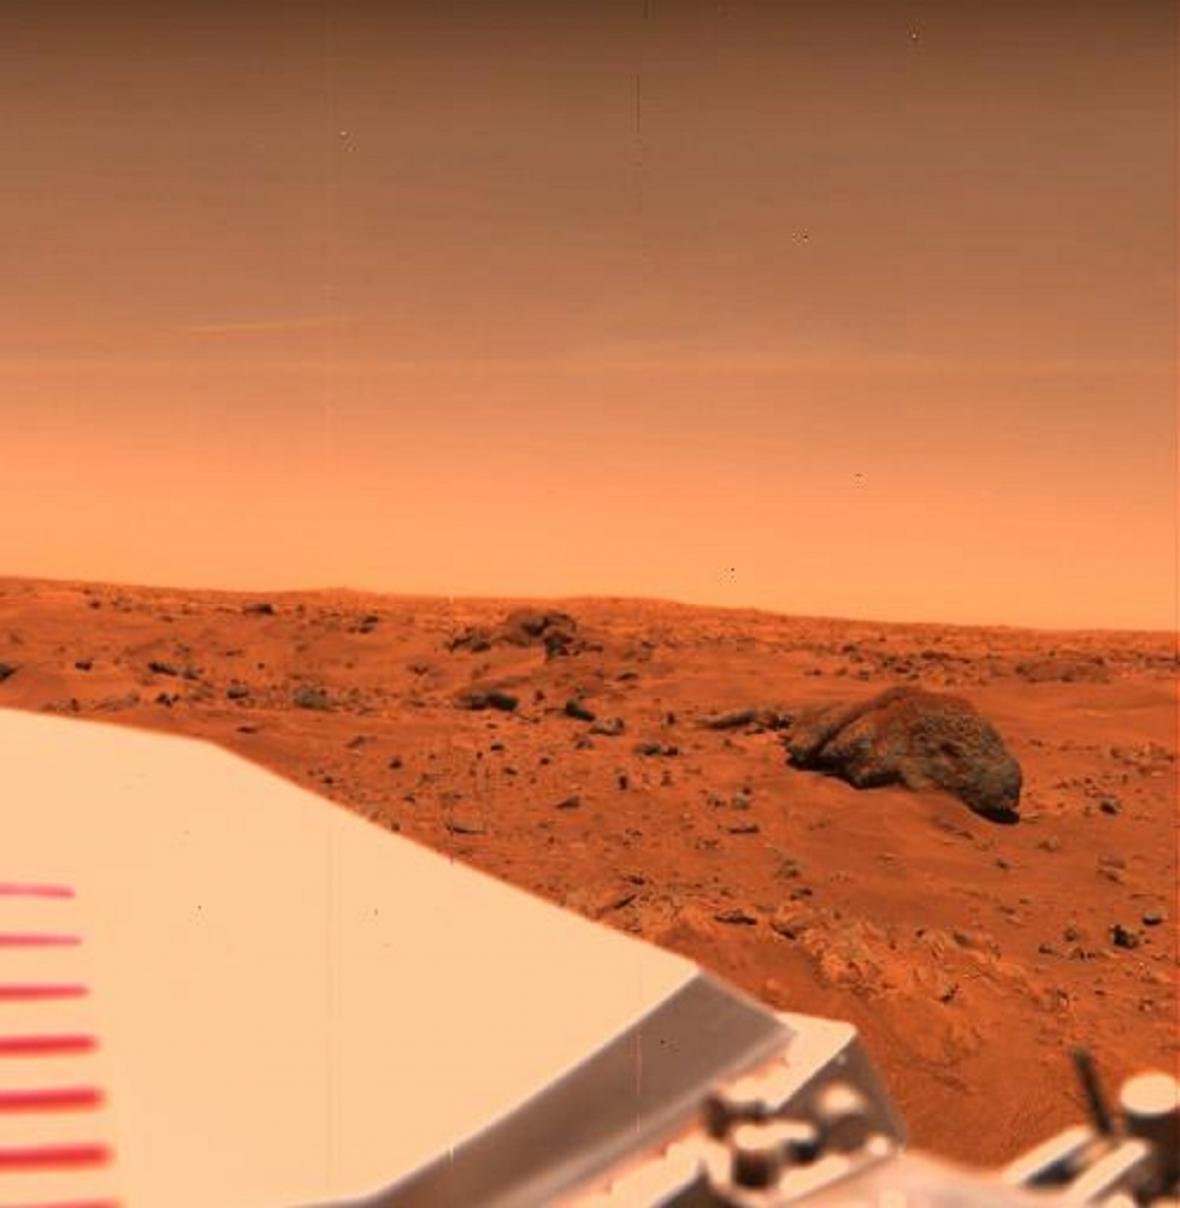 První barevné snímky Marsu pořídila sonda Viking 1